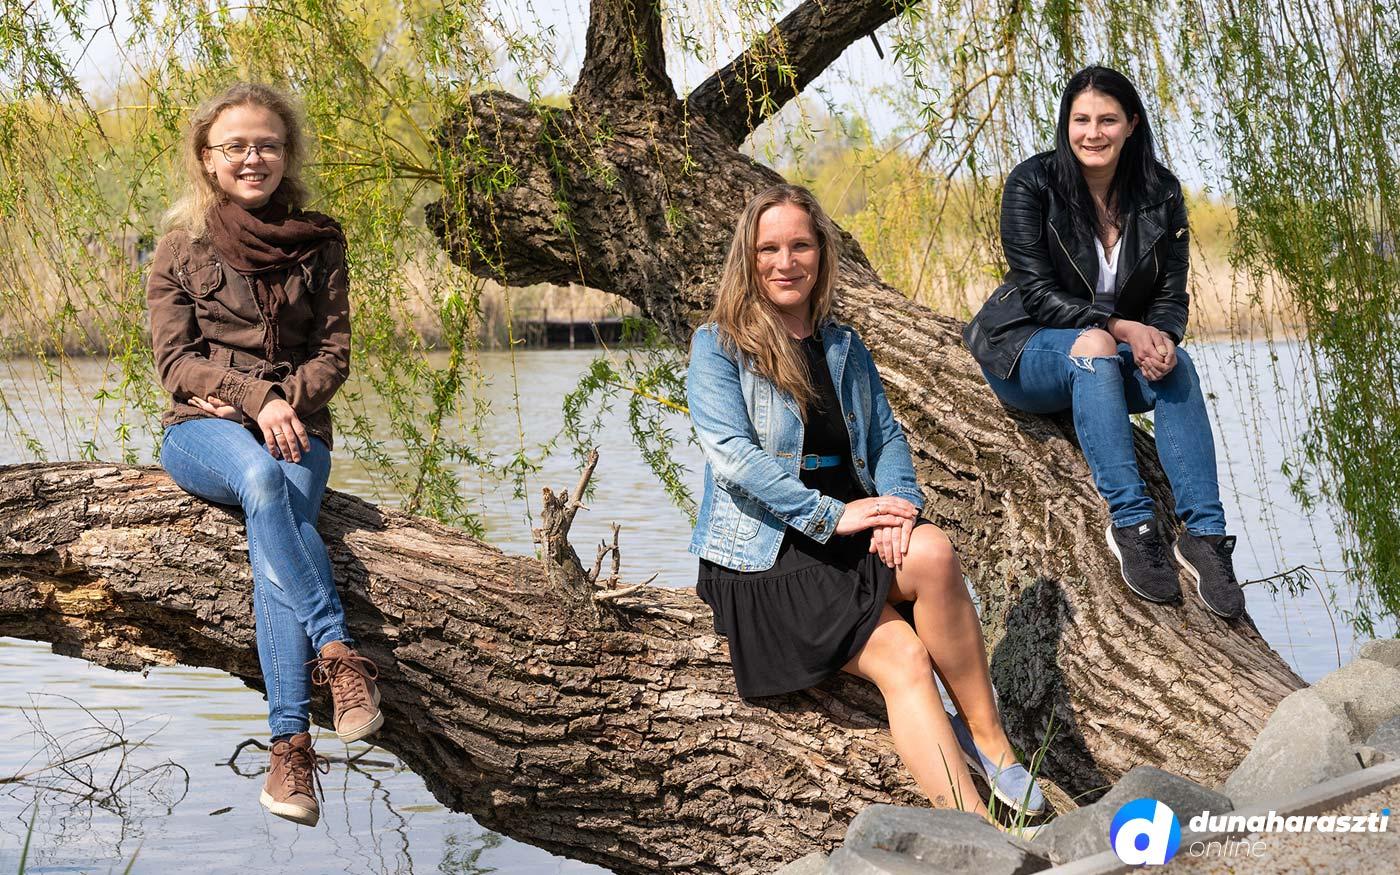 Dunaharaszti anyukák fognak össze az érettségizők köszöntéséért